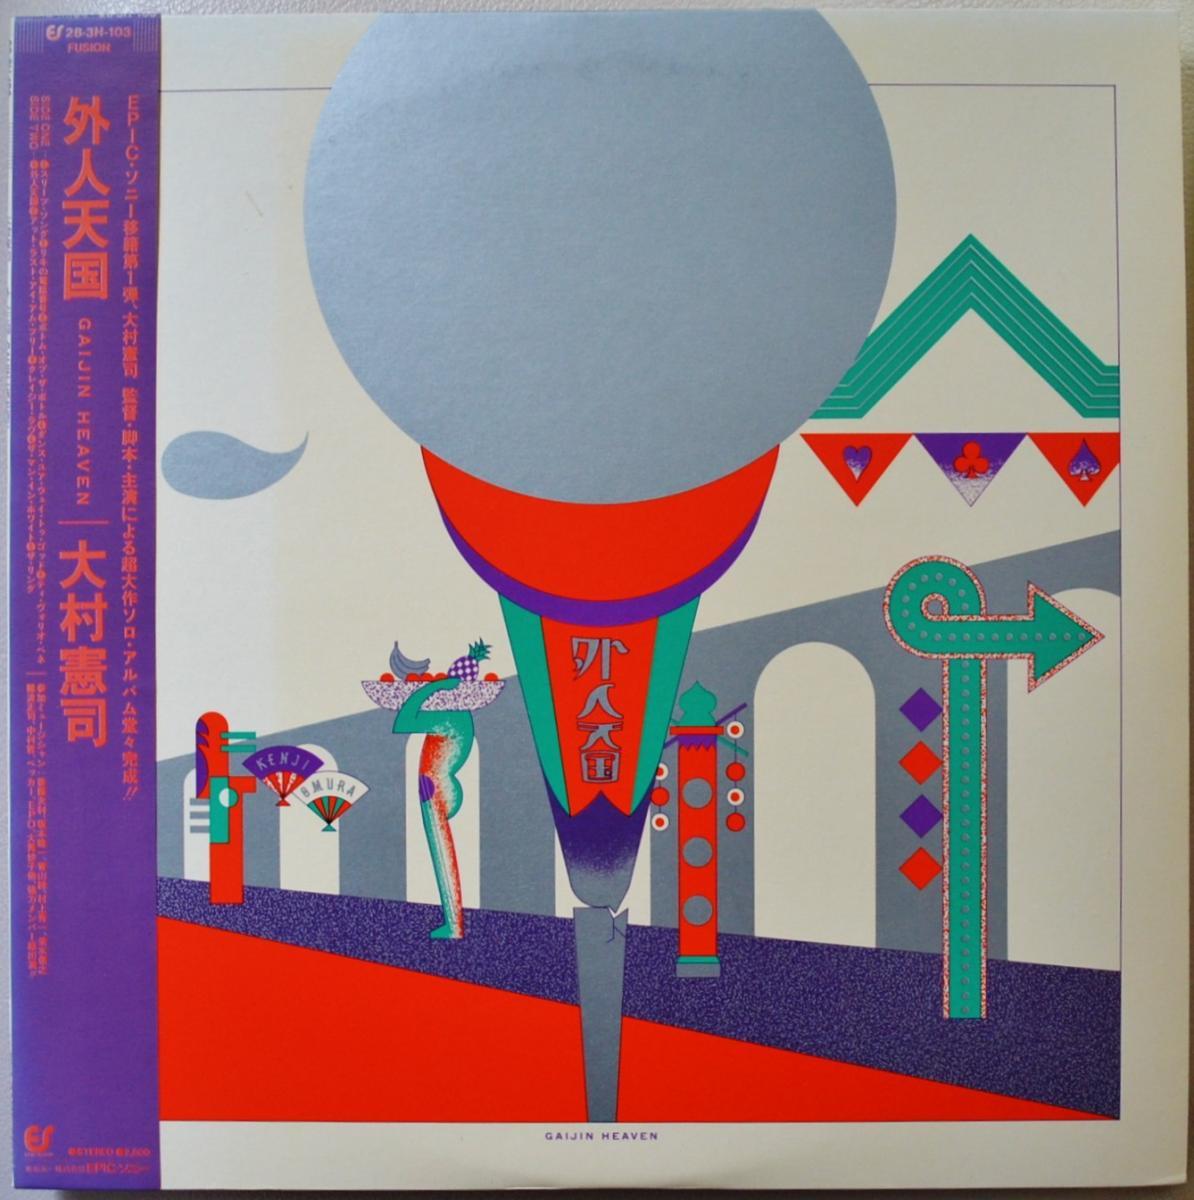 大村憲司 KENJI OMURA / 外人天国 GAIJIN HEAVEN (LP)